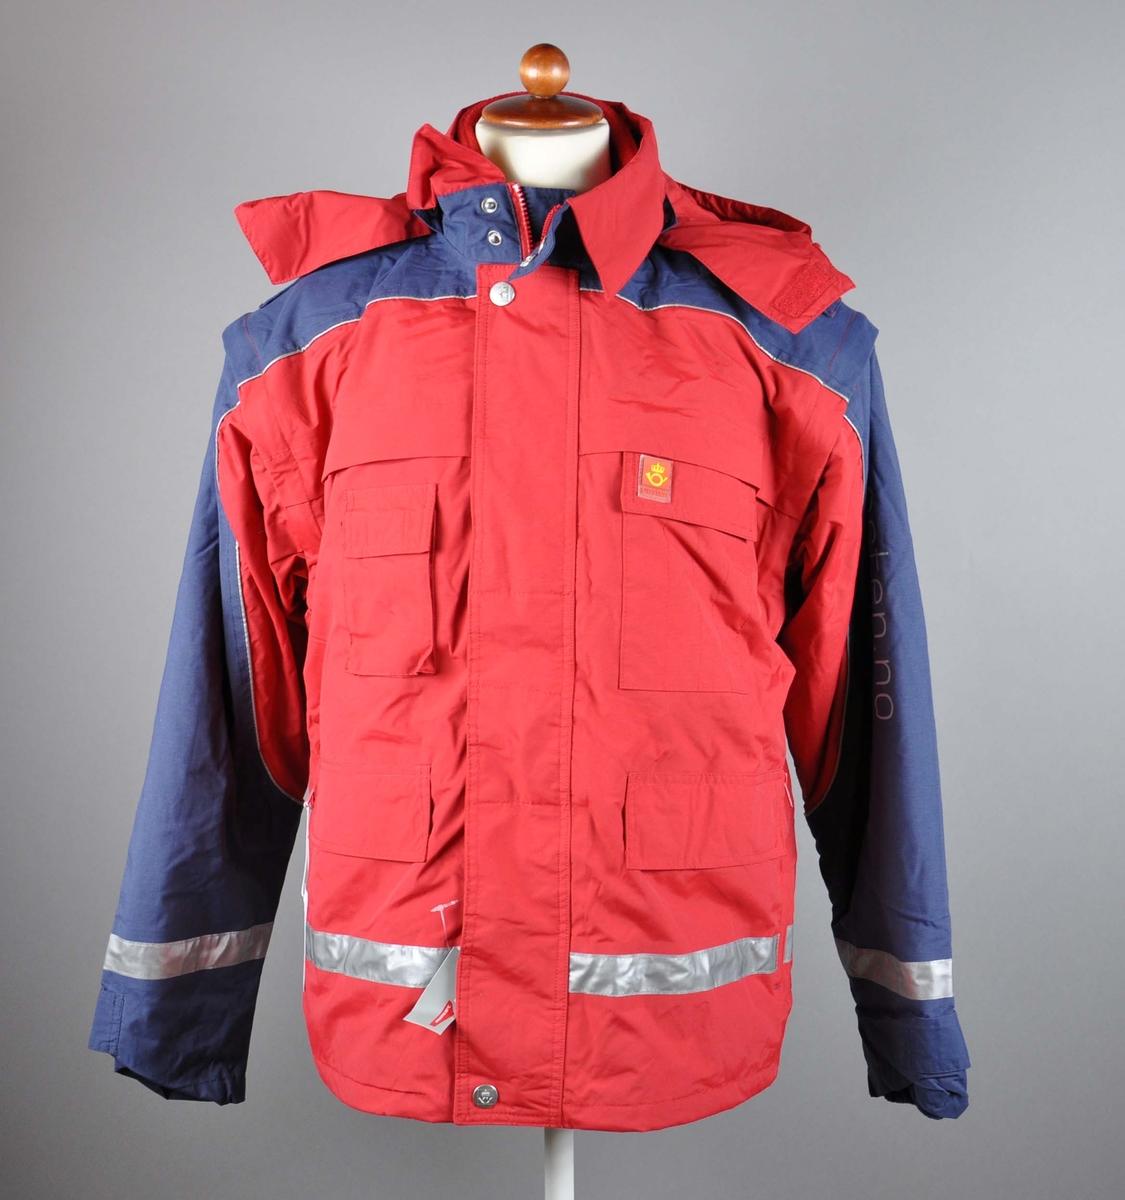 Rød uniformsjakke med tekst og posthornemblem. Med hette og avtagbart for. Med 4 lommer og mobillomme. Refleksbånd i livet og på ermene.  Størrelse M- Dame 40, Herre 48.